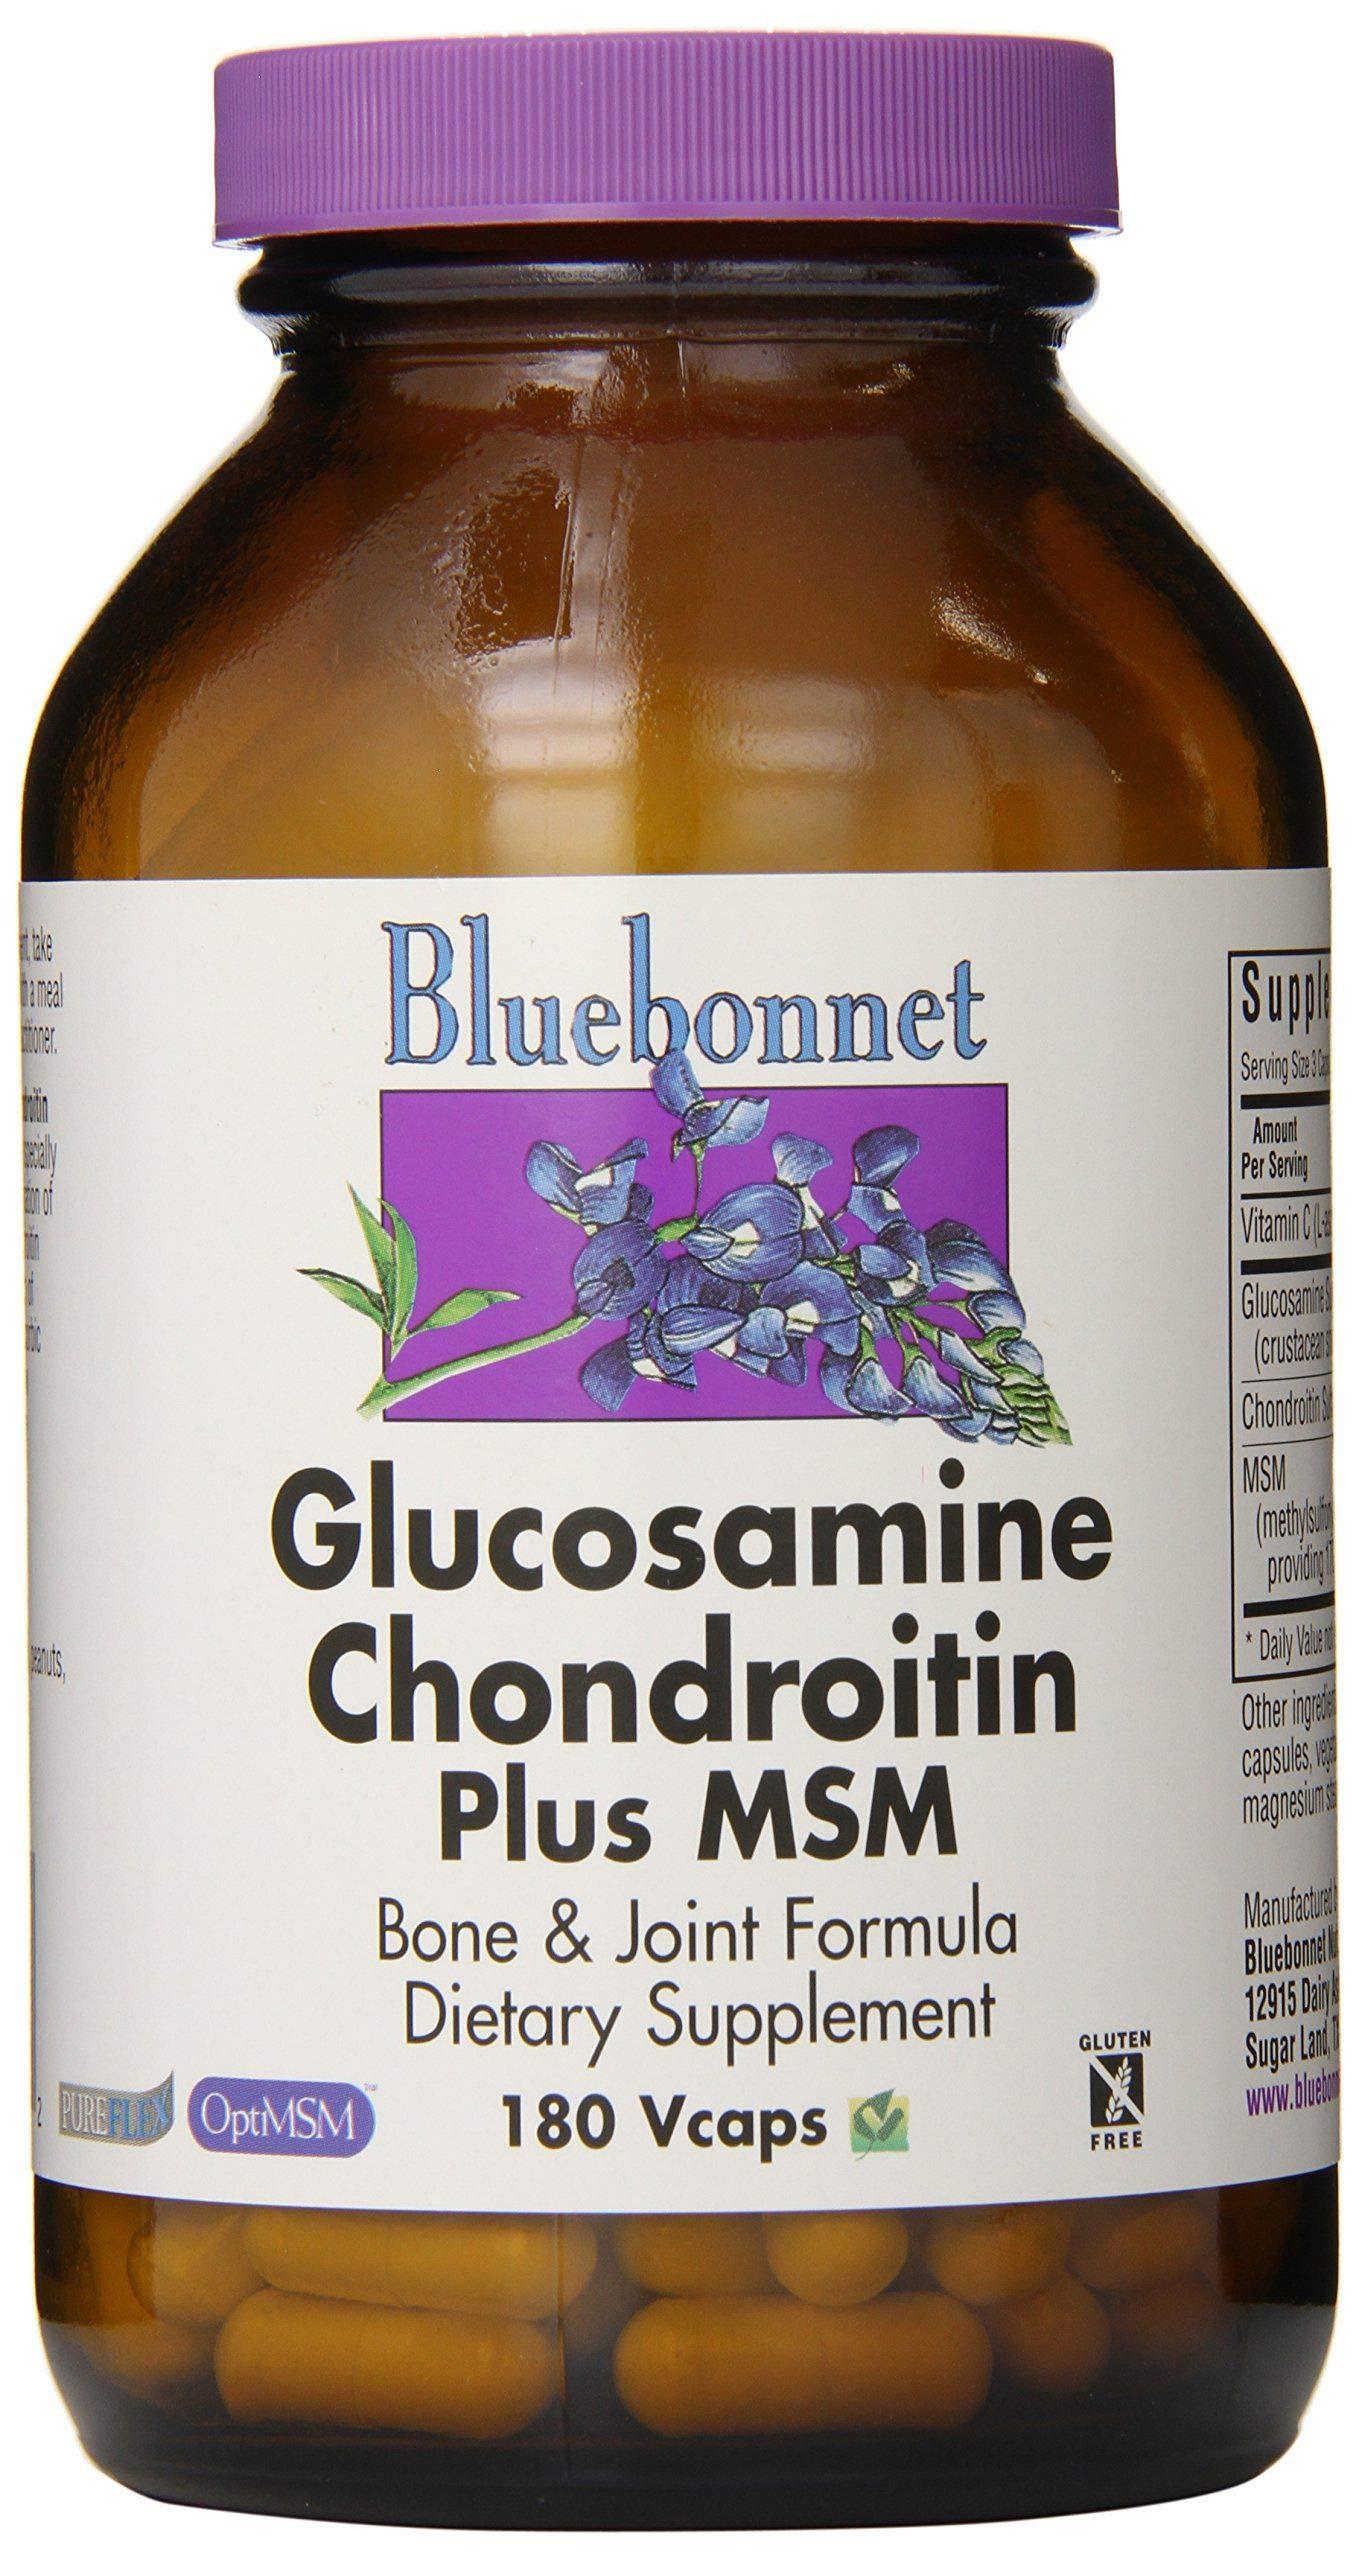 BlueBonnet Glucosamine Chondroitin Plus MSM Supplement, 180 Count by Blue Bonnet